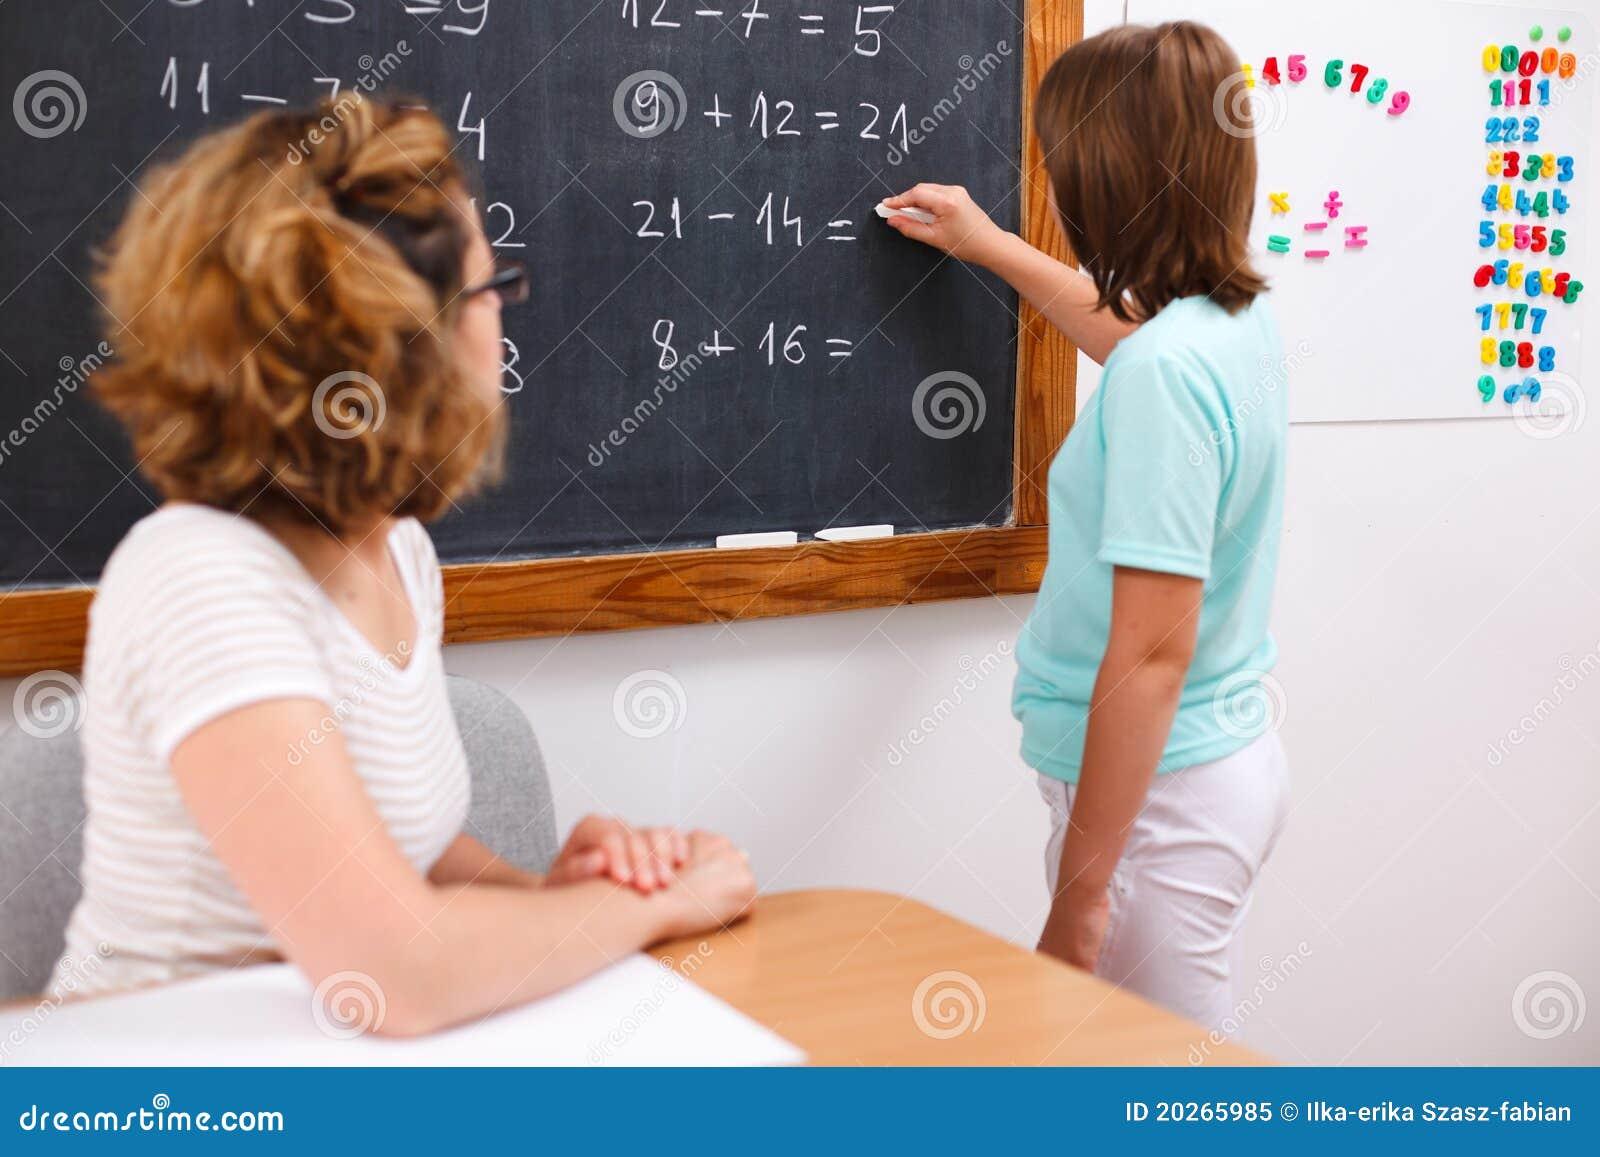 Solução da escrita da menina da escola no quadro